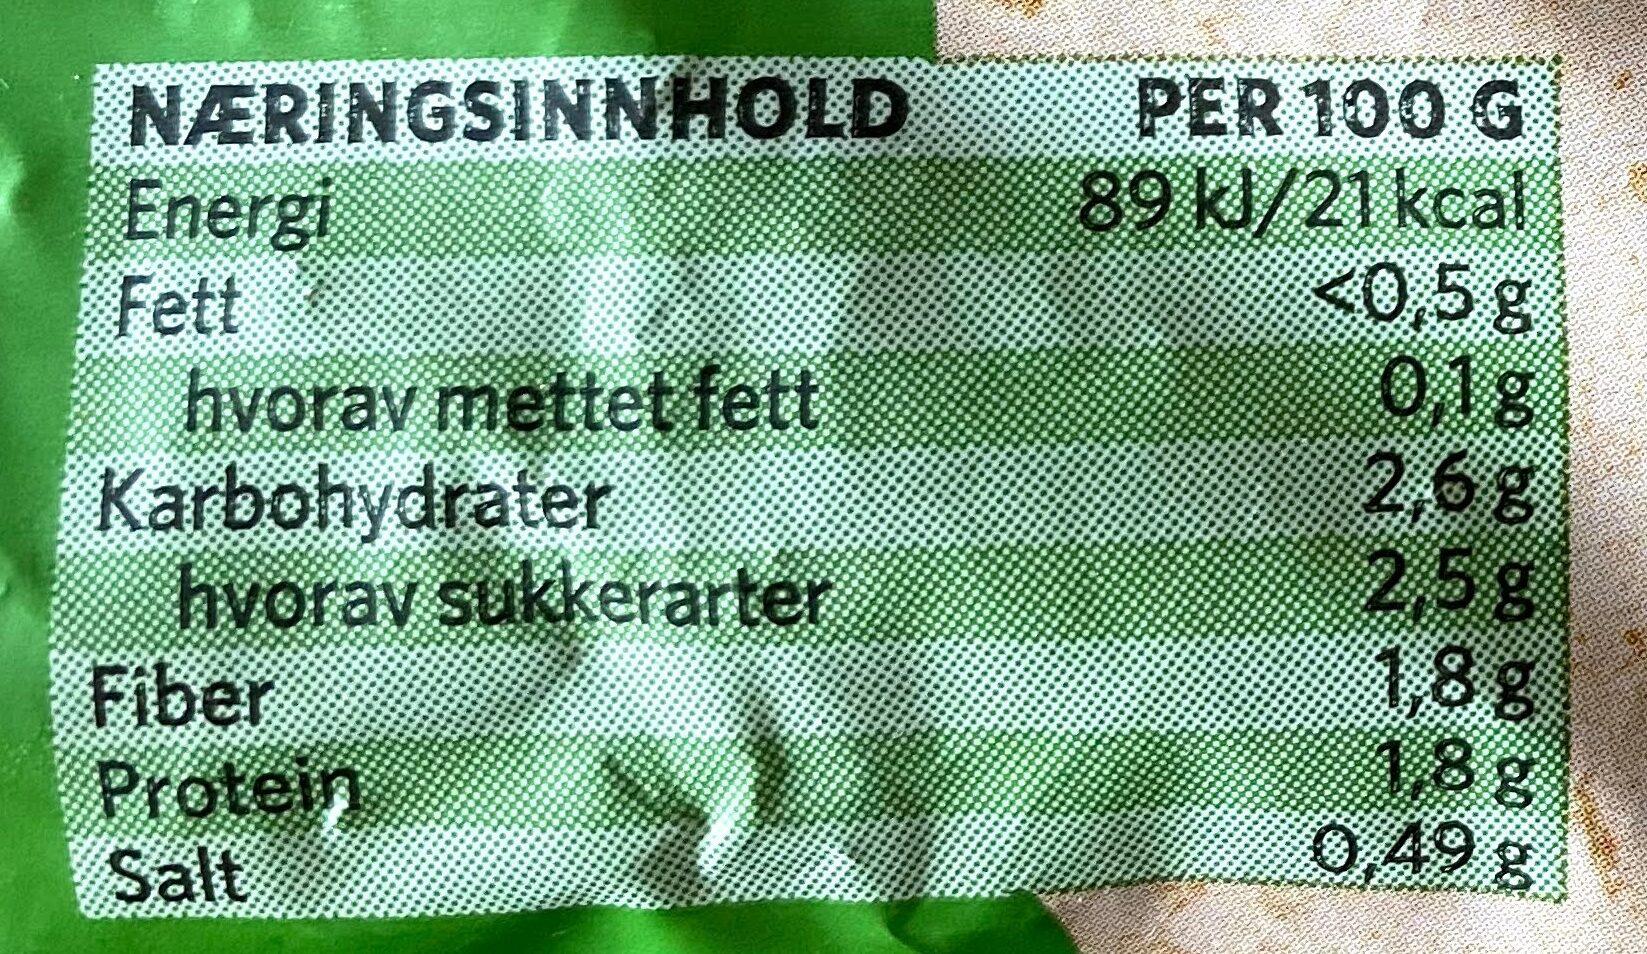 Veggie Sides Blomkålris med løk & persille - Informations nutritionnelles - nb